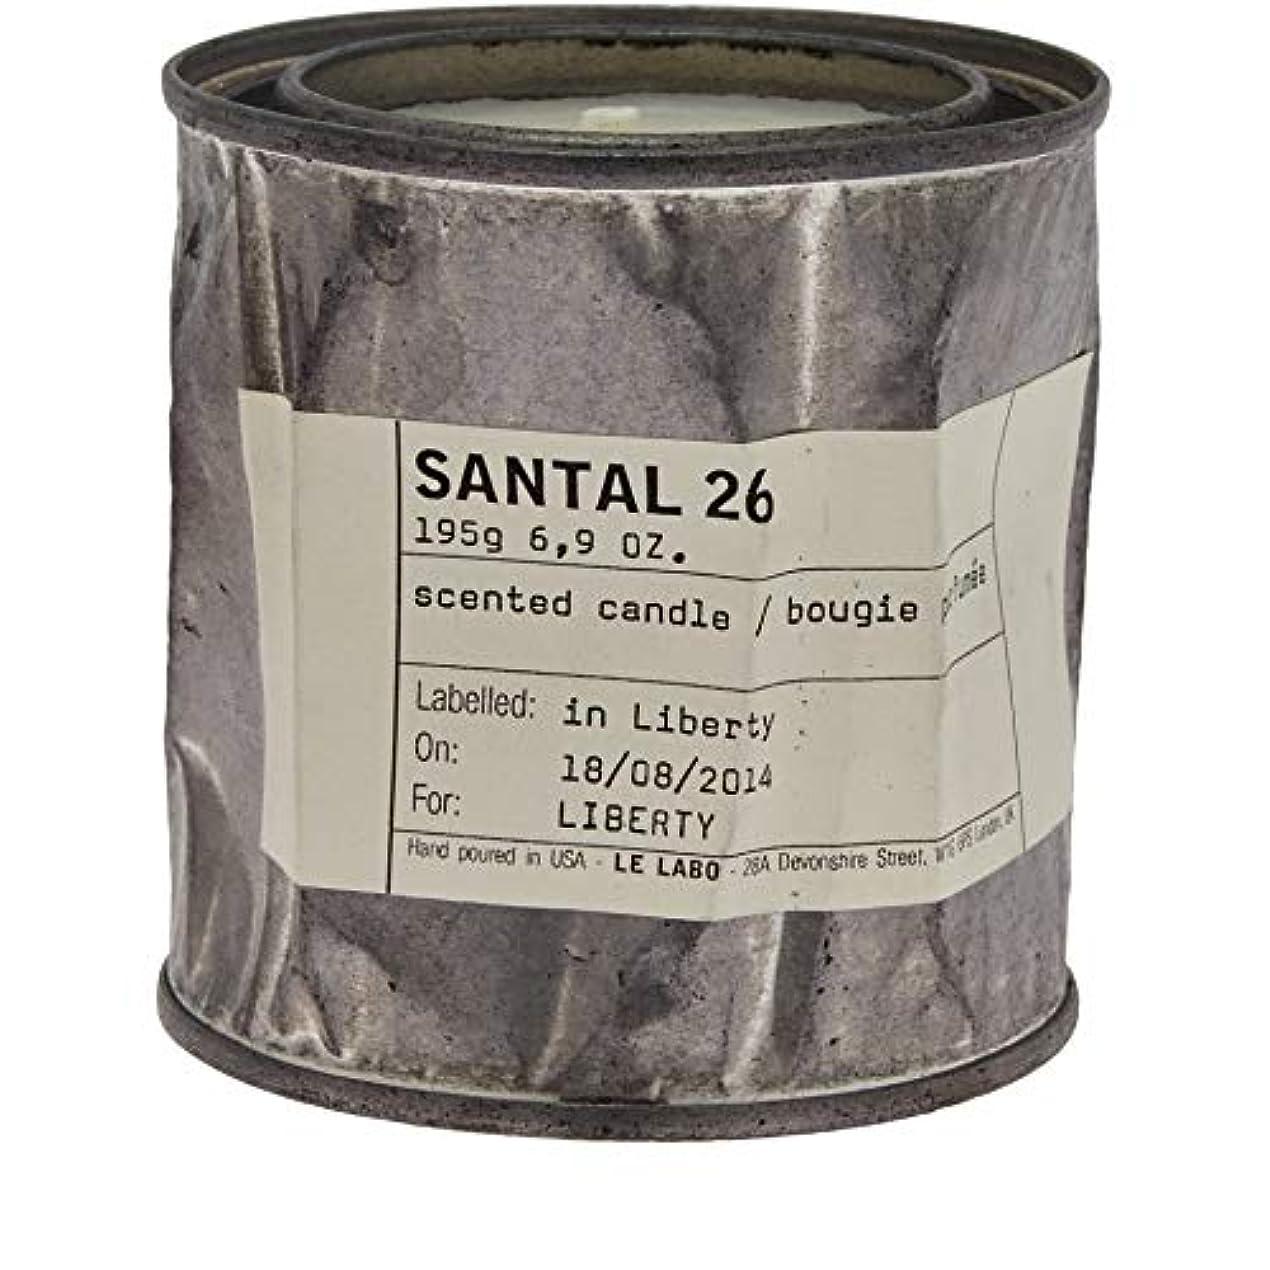 アラート加速する不健康[Le Labo ] ルラボサンタル26ヴィンテージキャンドル - Le Labo Santal 26 Vintage Candle [並行輸入品]